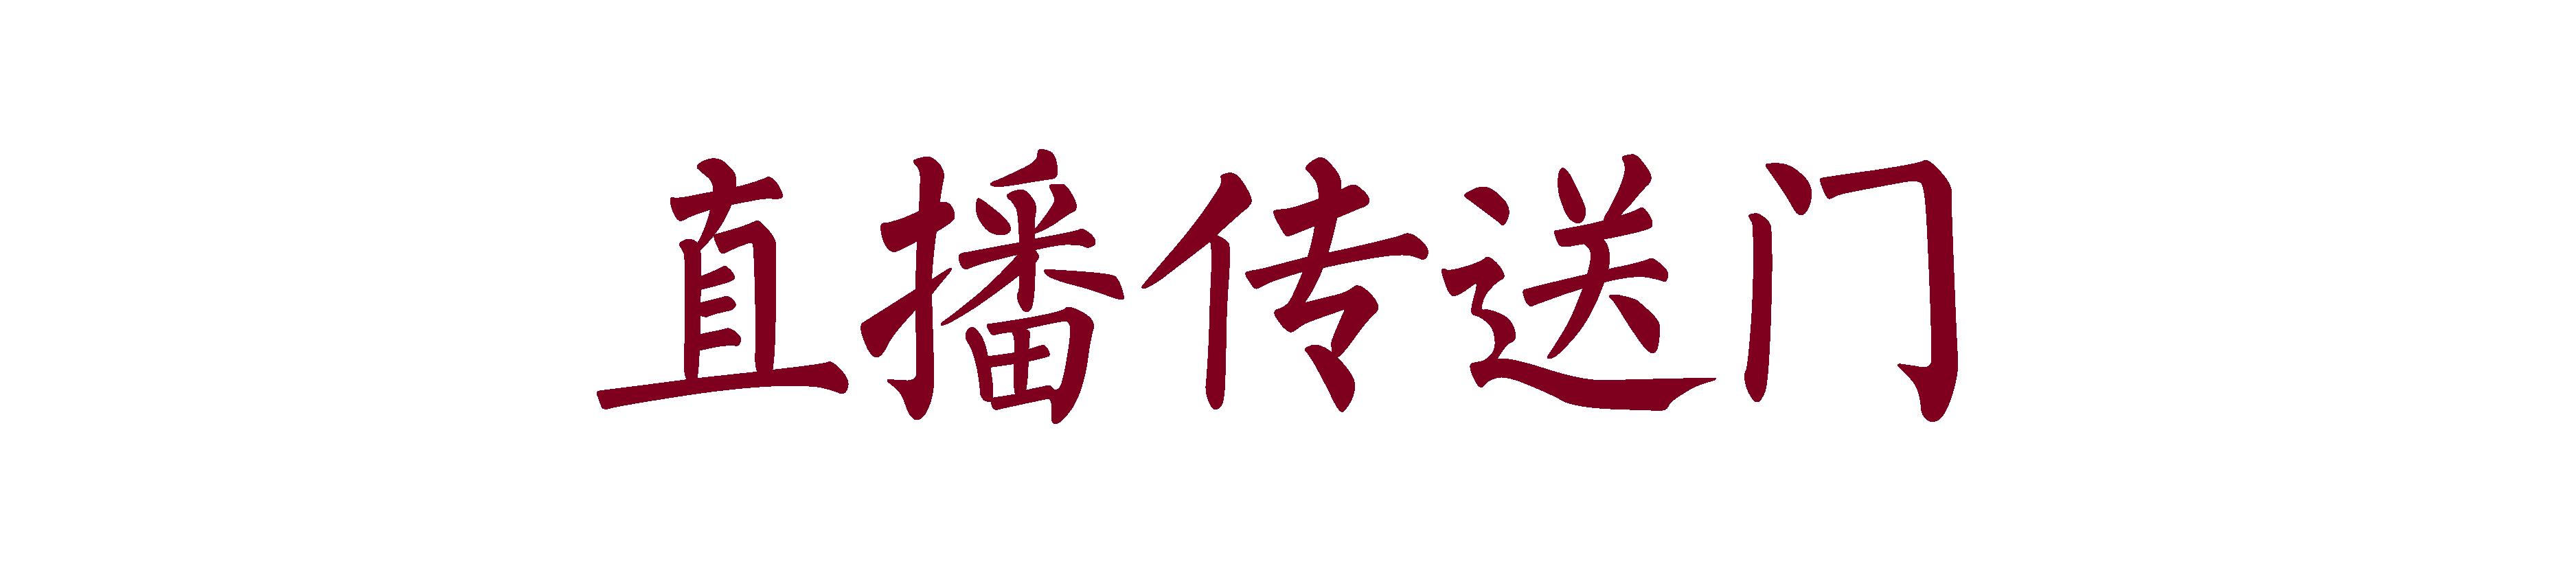 https://ft-bk1.oss-cn-zhangjiakou.aliyuncs.com/Public/Uploads/img/a_content_20200921141116_1378.png